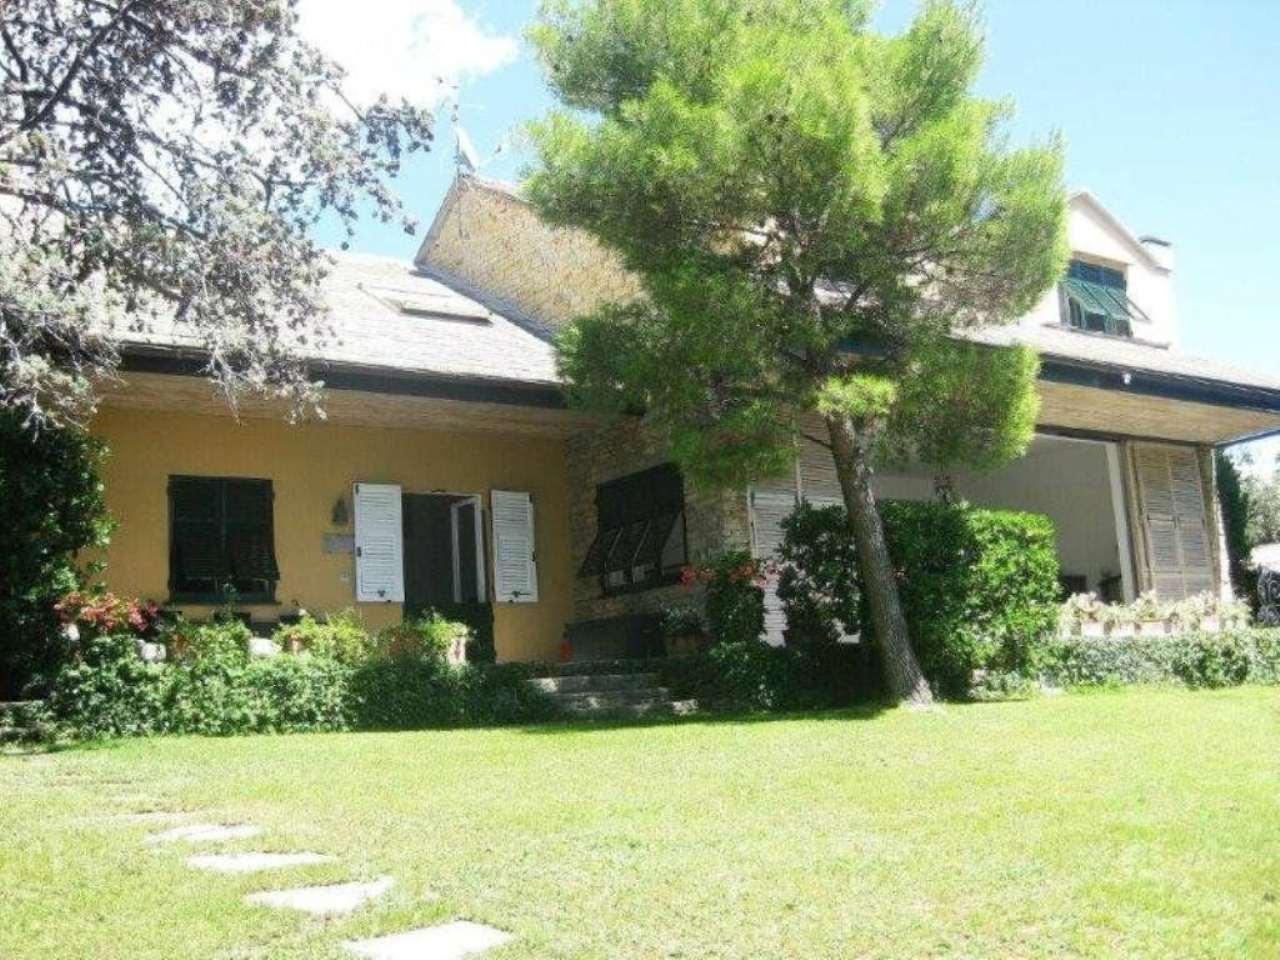 Villa in vendita a Pieve Ligure, 15 locali, Trattative riservate | Cambio Casa.it